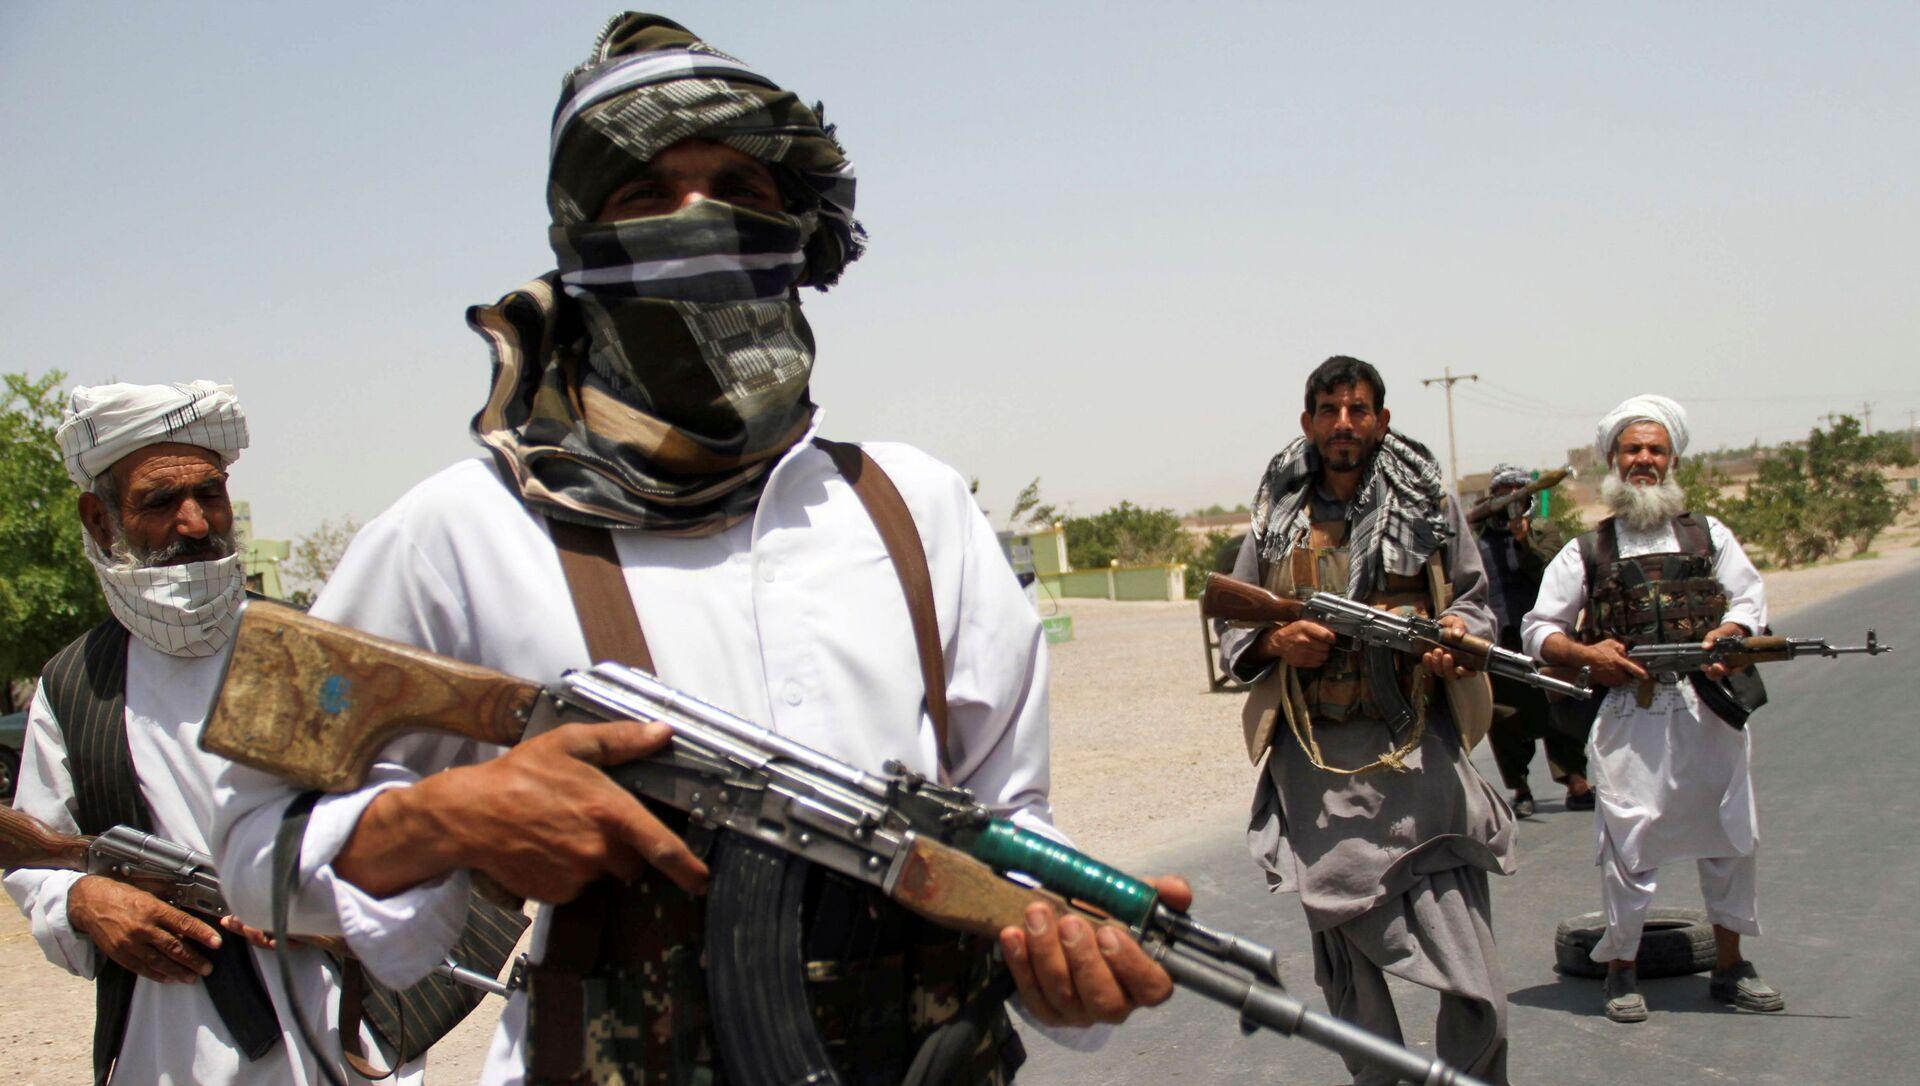 Бывшие моджахеды держат оружие, чтобы поддержать афганские силы в их борьбе против талибов, на окраине провинции Герат, Афганистан, 10 июля 2021 года - Sputnik Азербайджан, 1920, 02.09.2021